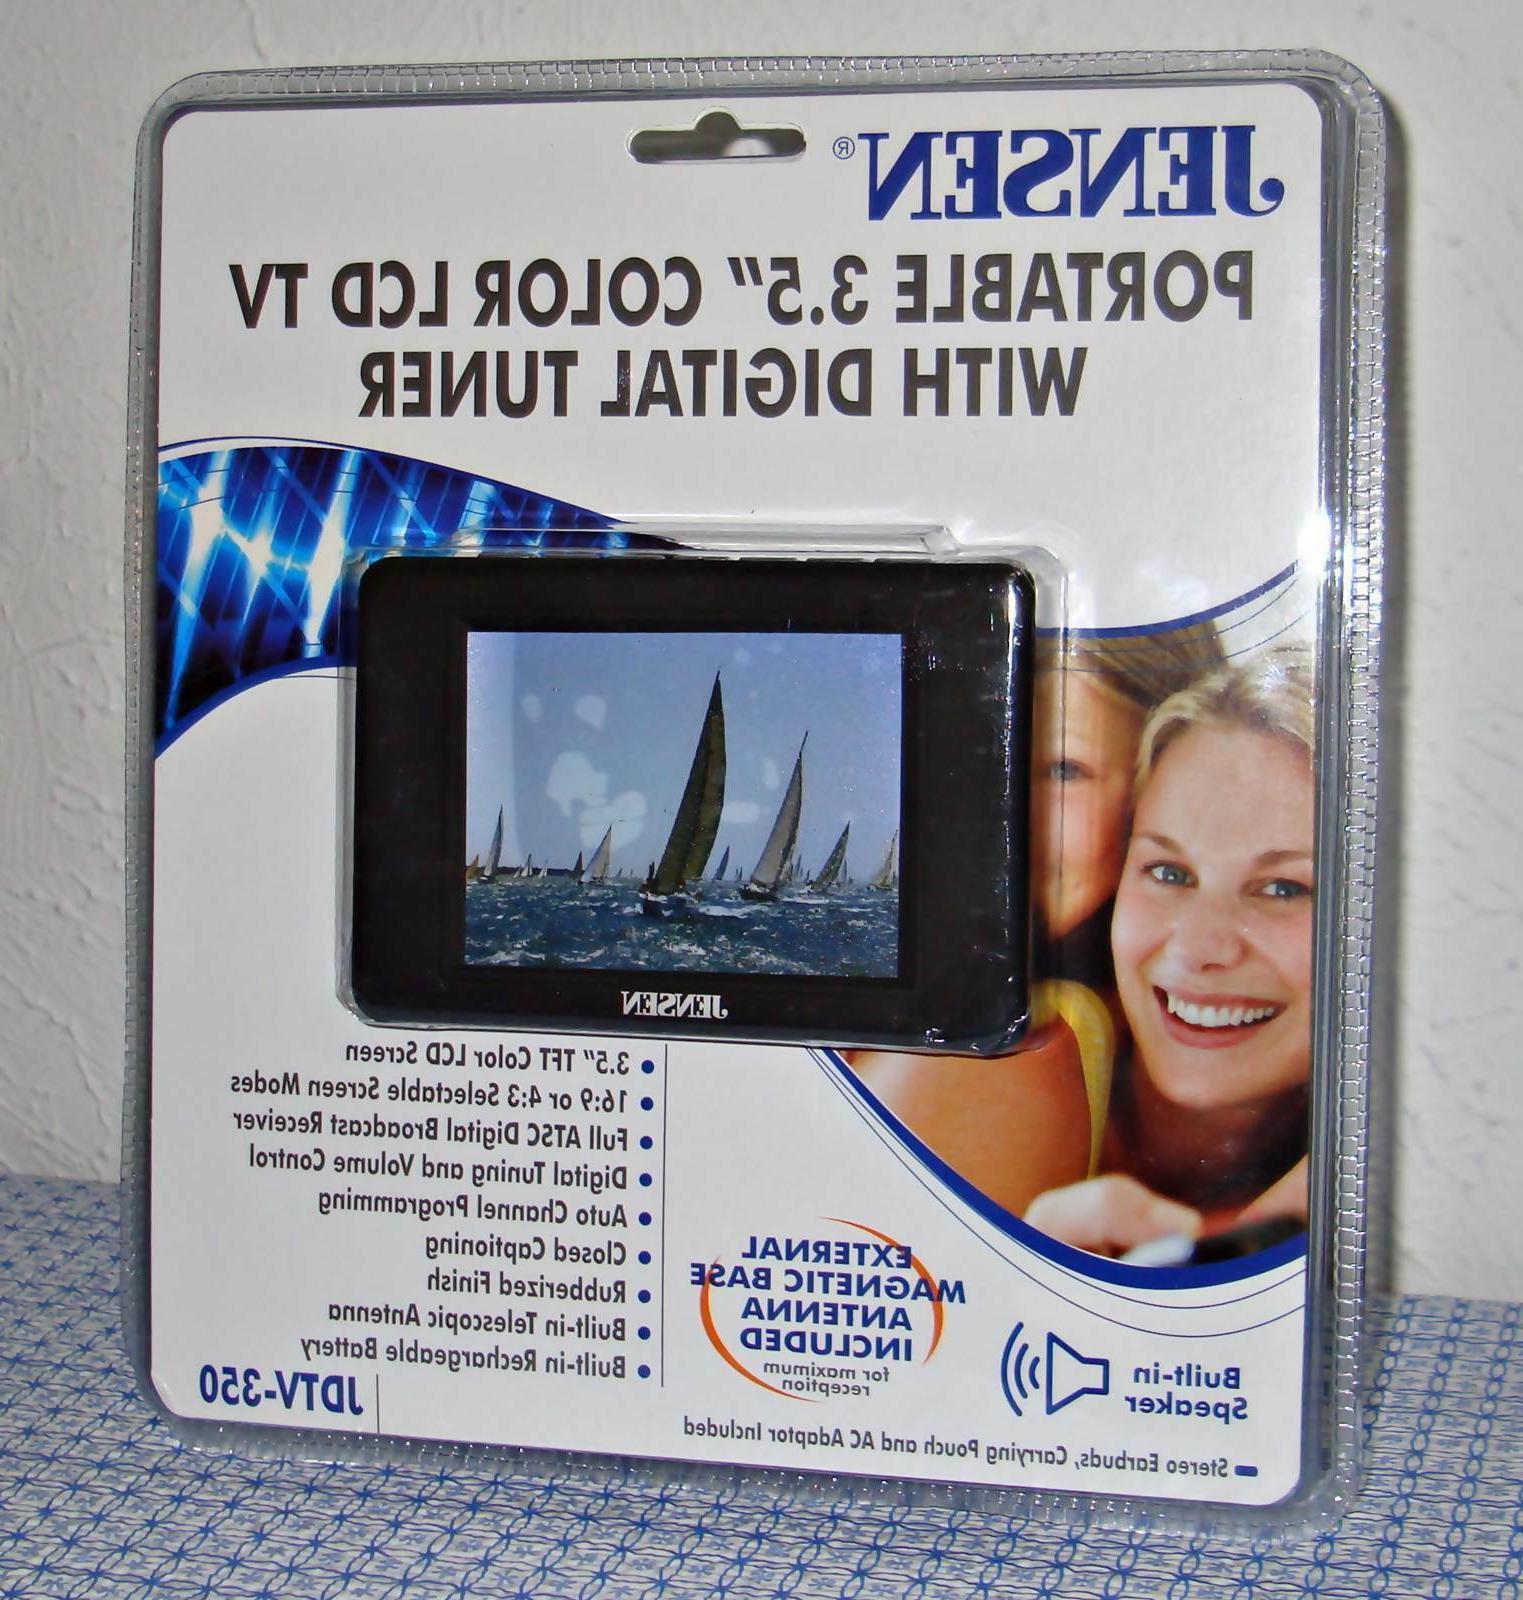 NEW JENSEN JDTV-350 3.5-INCHES TV TUNER/RECEIVER - BLACK